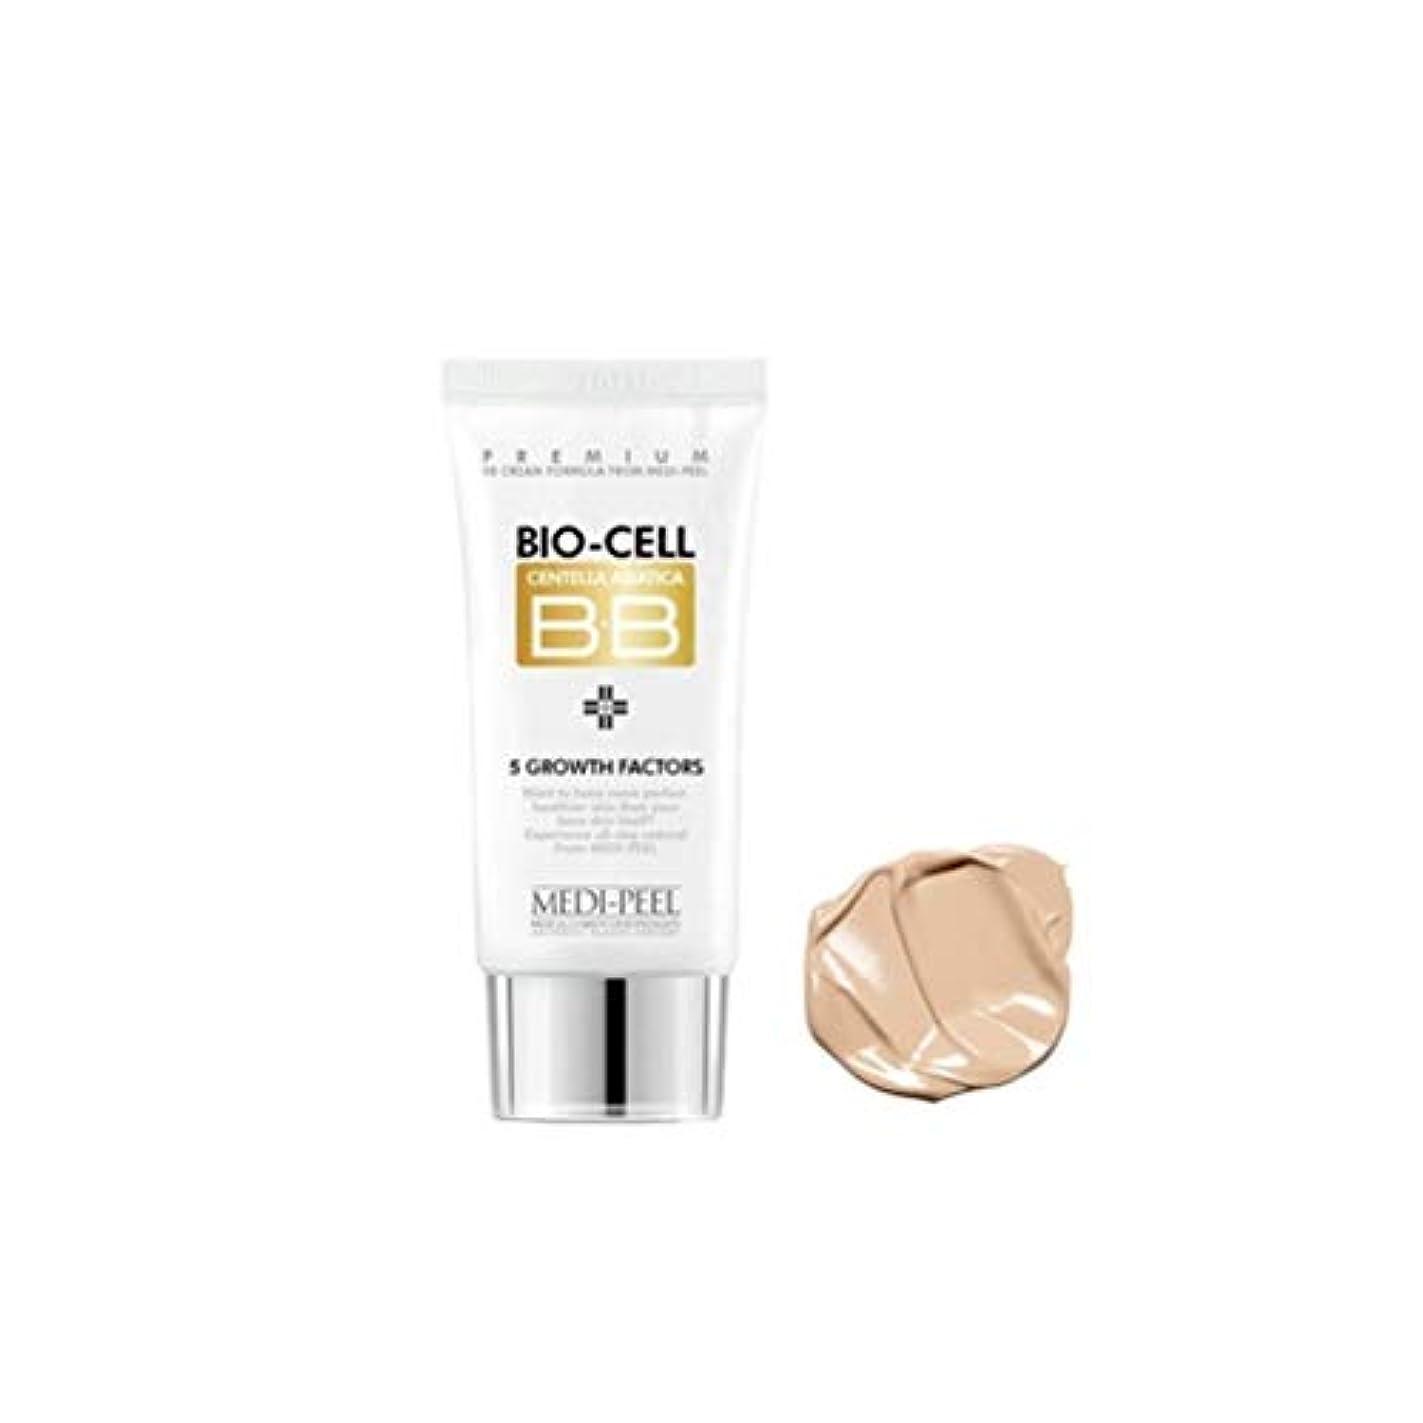 小屋スチール血まみれの[Medi-Peel] メディピール バイオセル BBクリーム 50ml. [美.白?シワ.改善2重機能性化粧品] Medi-Peel Bio-cell BB Cream 50ml.